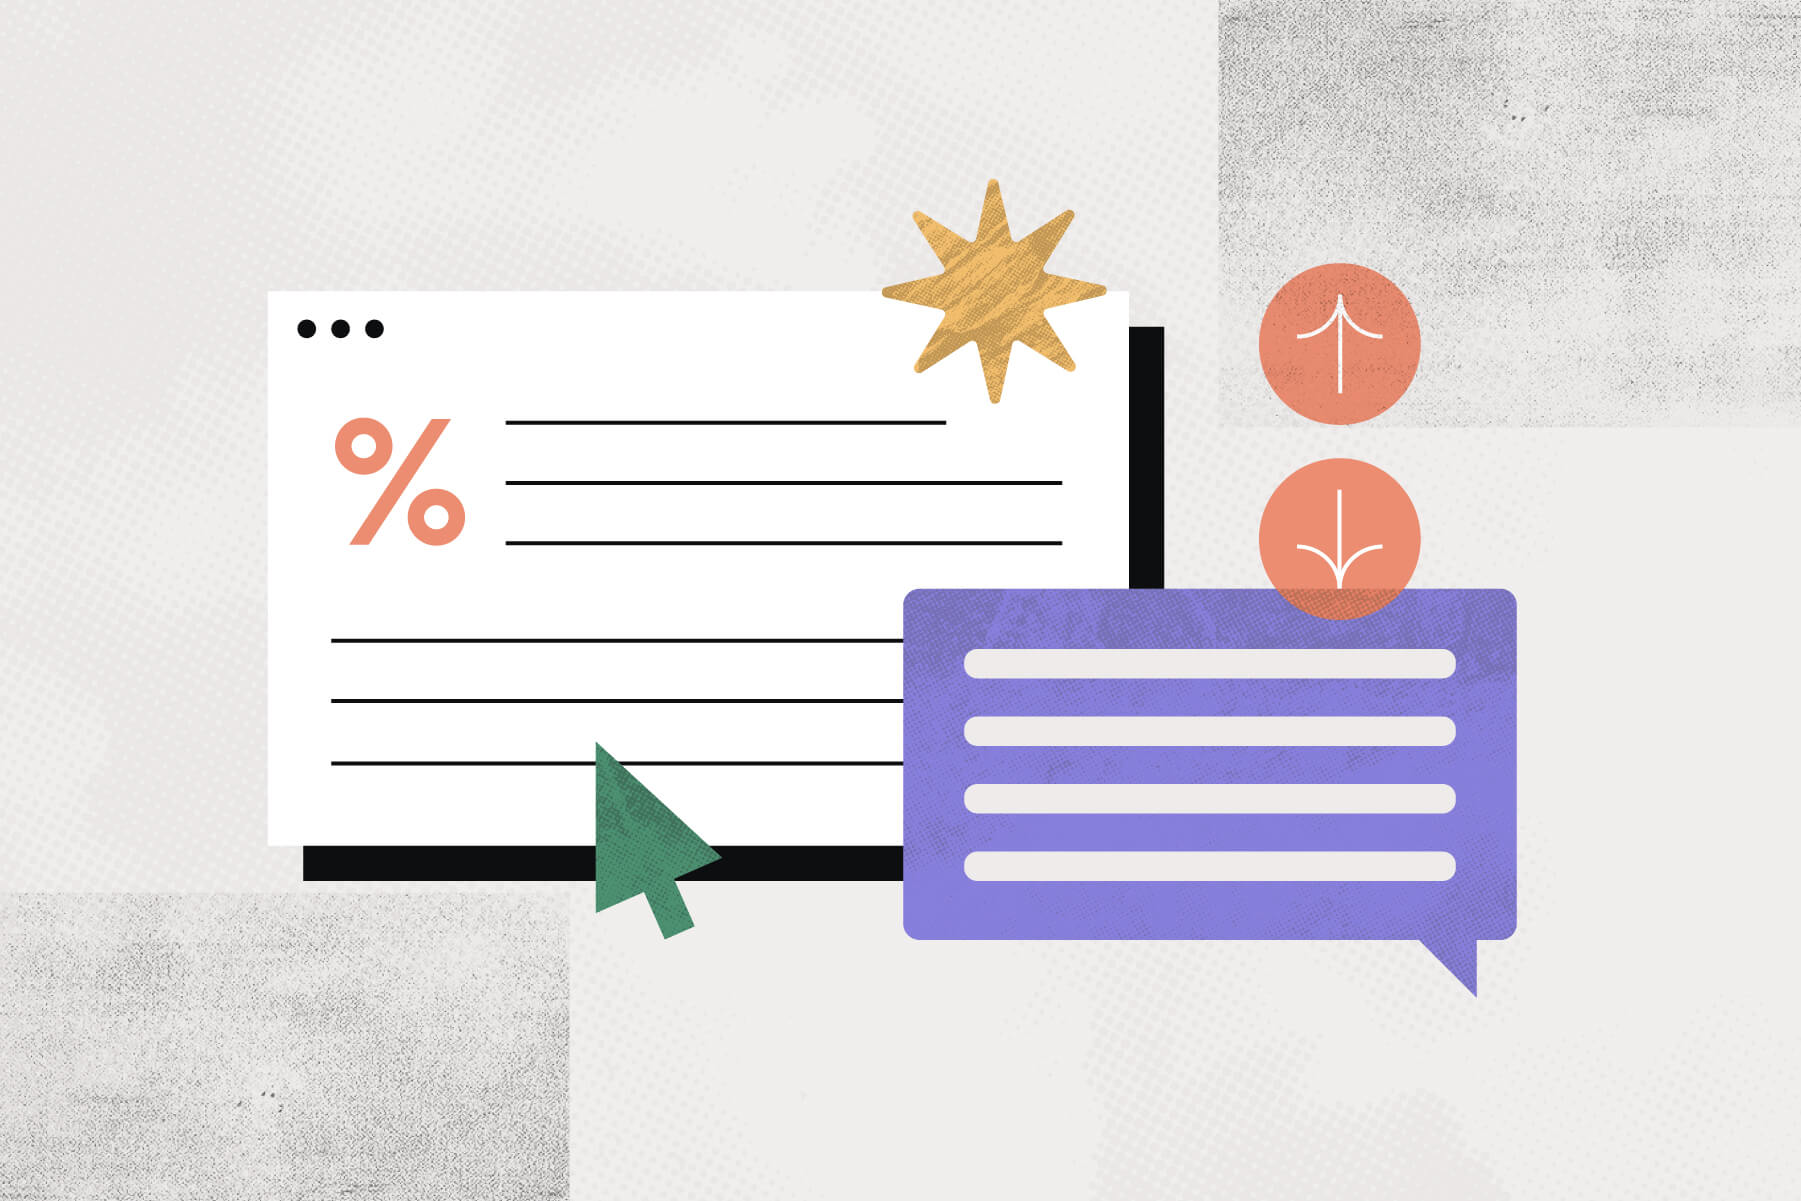 Ejemplos de discursos de presentación creativos